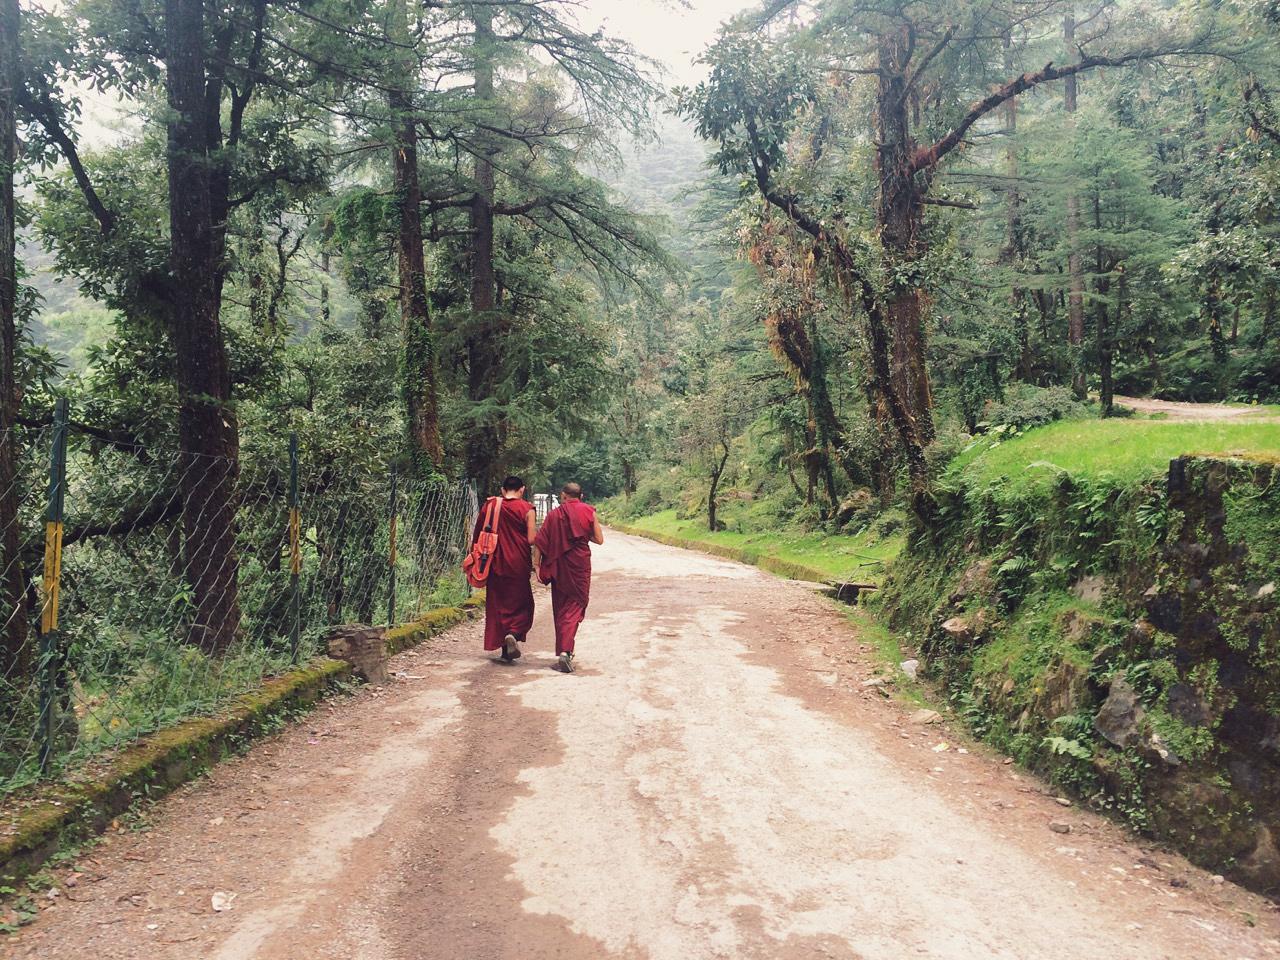 Путешествие по Индии: Монахи на лесной дороге